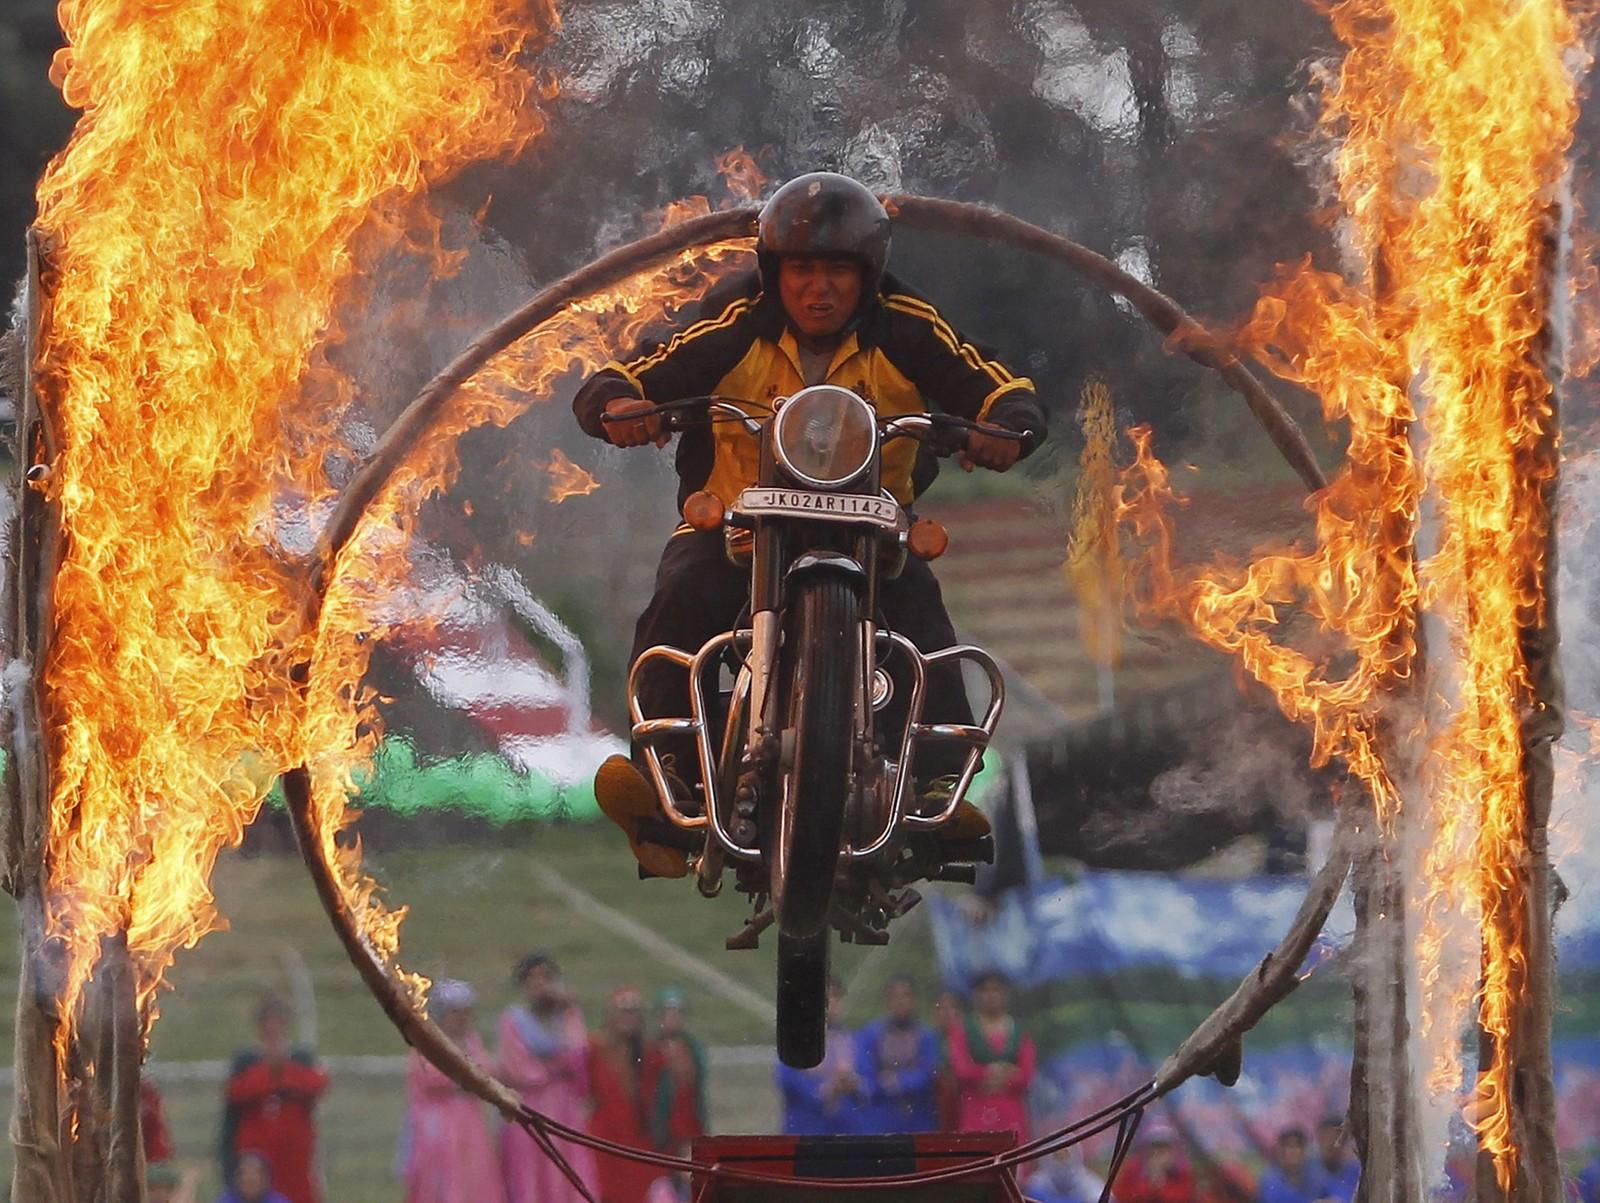 En politimann i Kashmir gjennomfører et stunthopp gjennom en ring av flammer. Stuntet var en del av feiringen av Indias uavhengighetsdag.